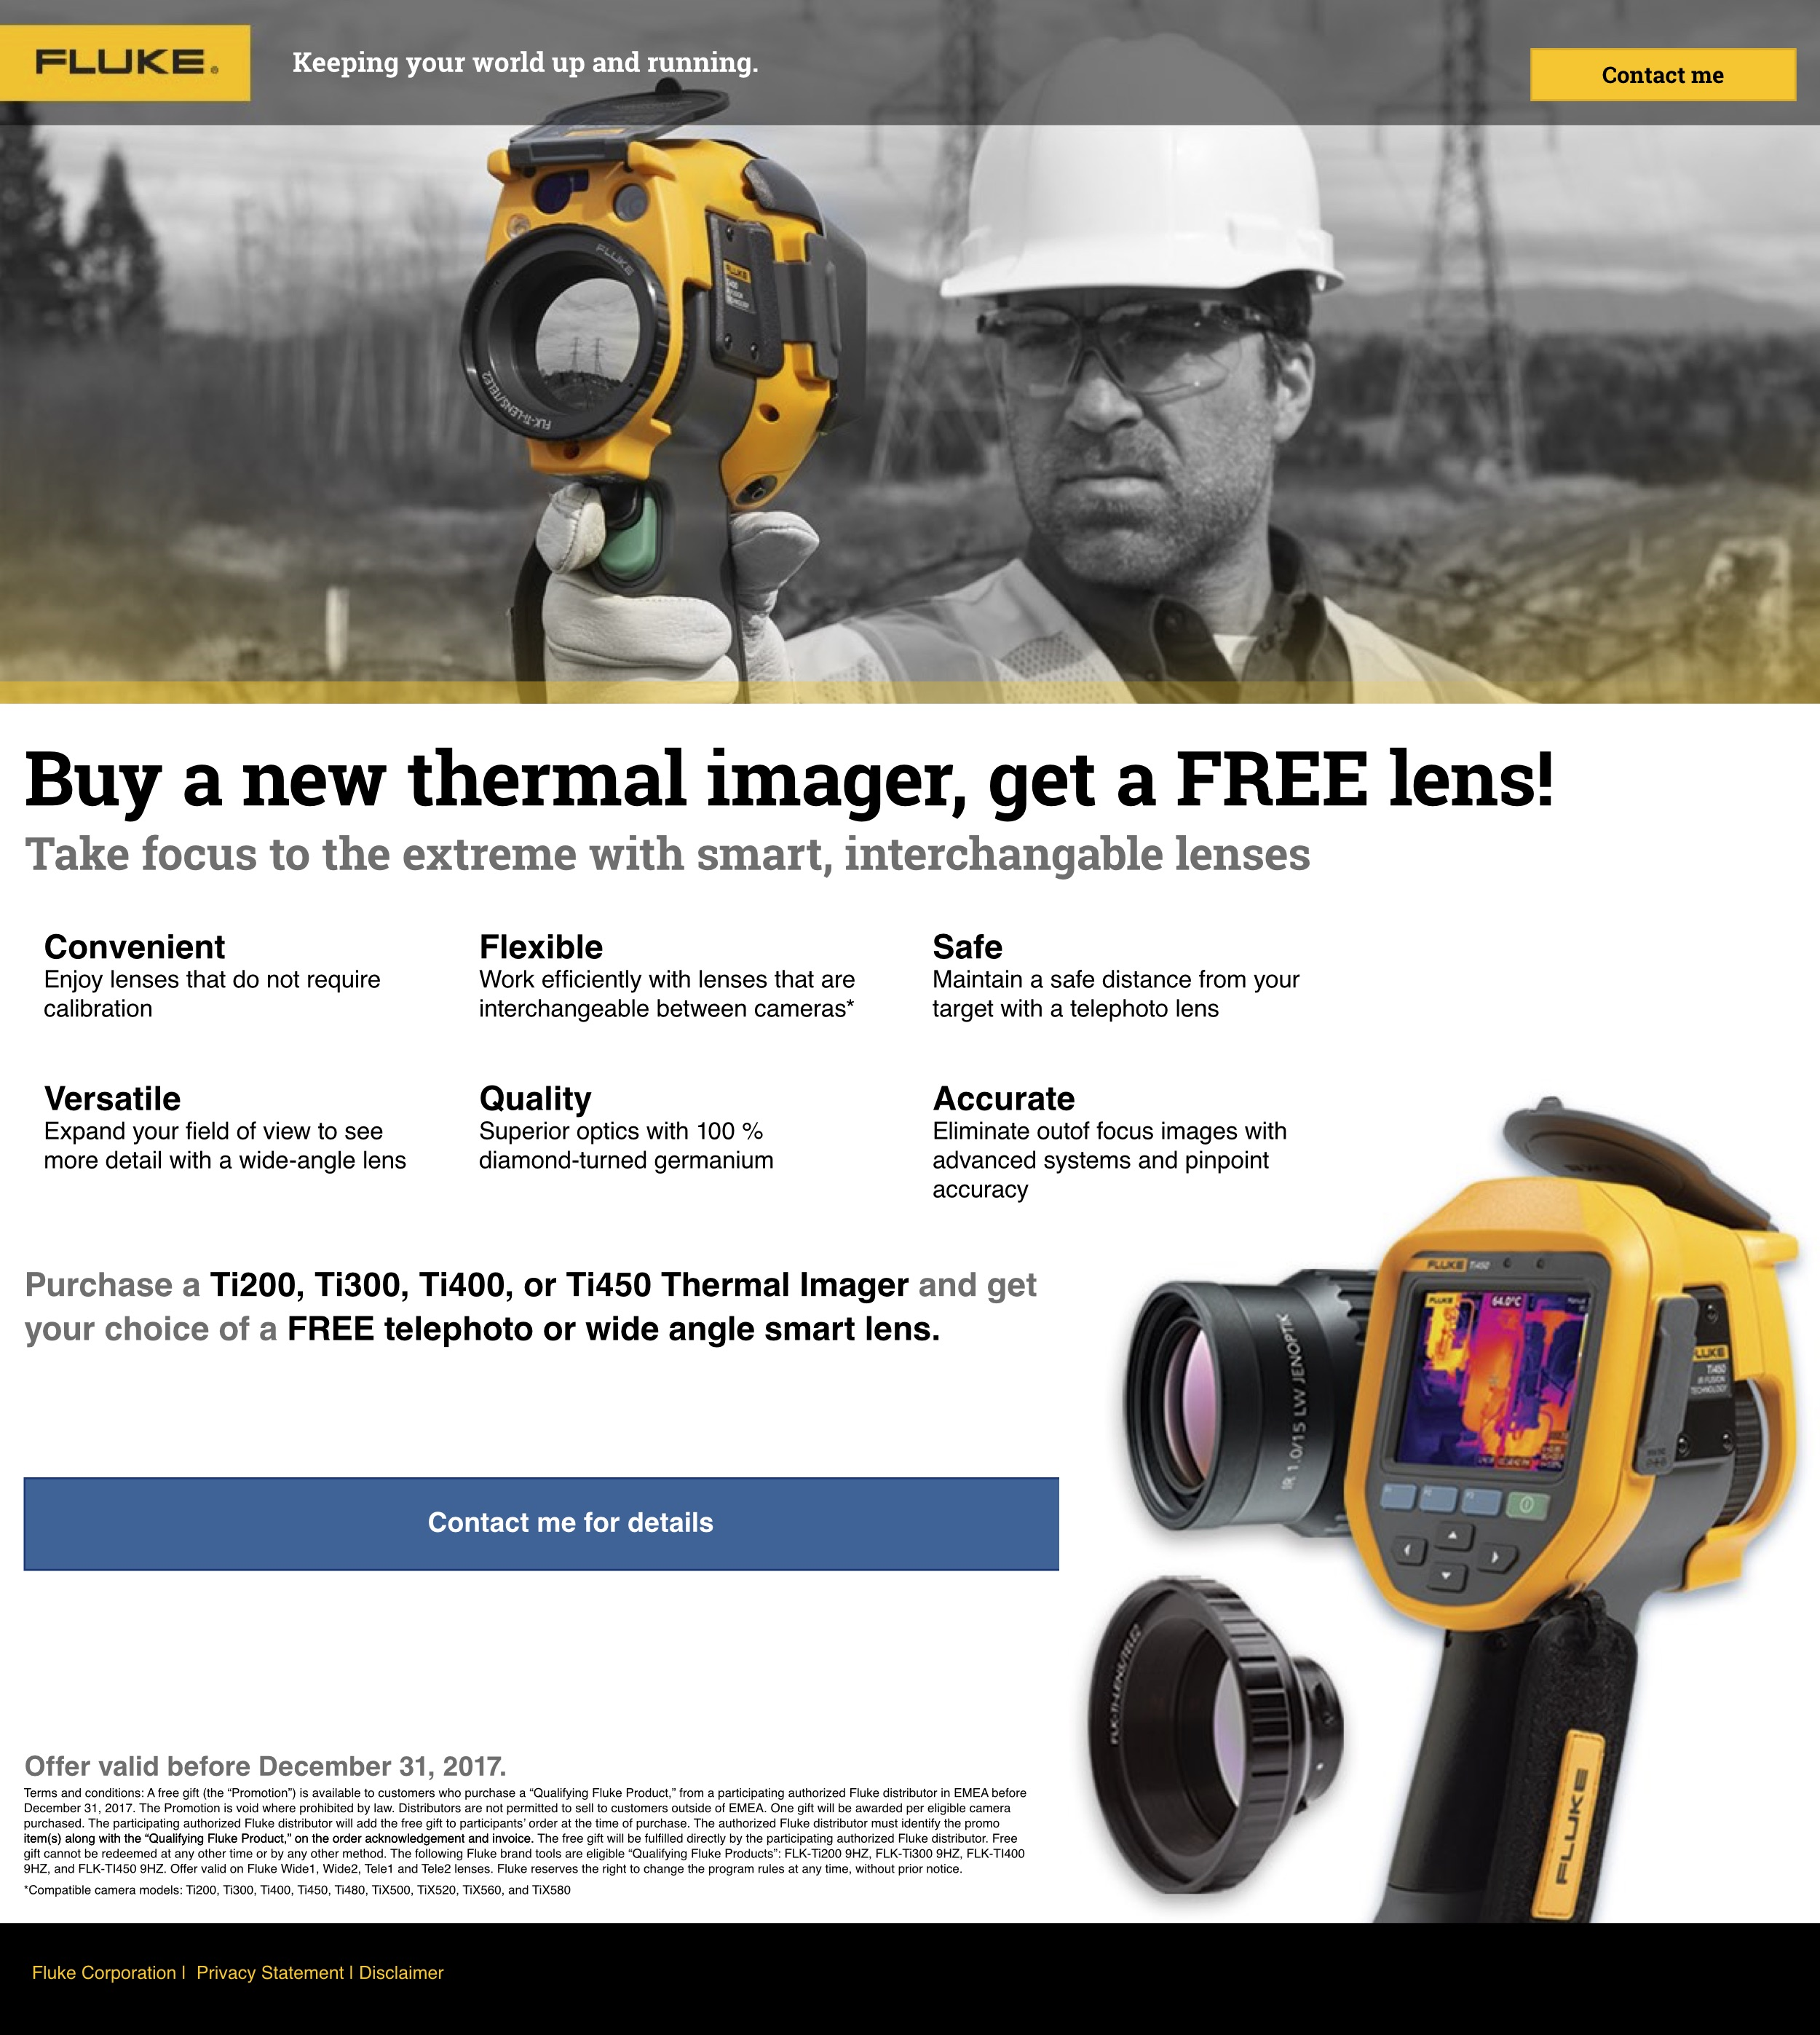 Ti Thermal Imager Lens Promo Landing Page